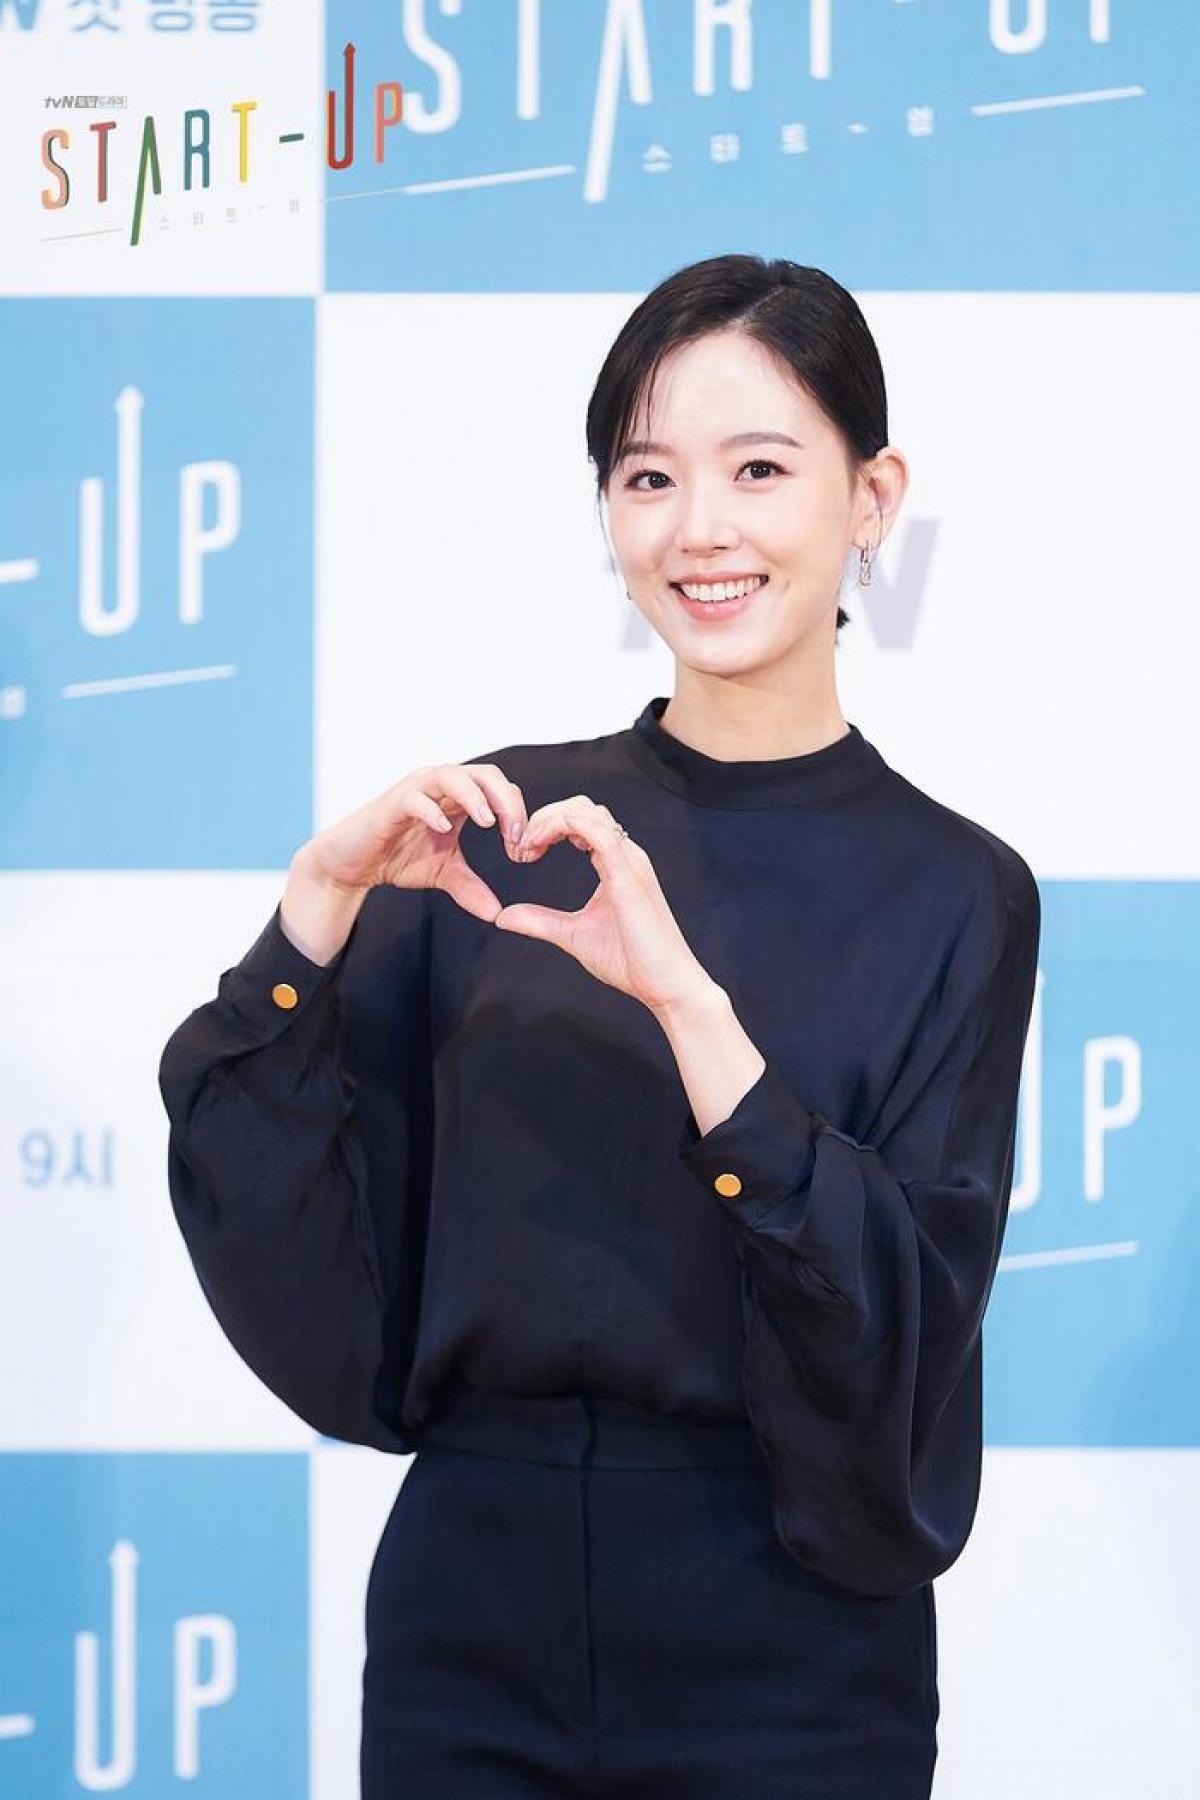 """Bộ phim """"Start-up"""" còn có sự góp mặt của nữ diễn viên Kang Han Na trong vaitiểu thư nhà tài phiệt."""